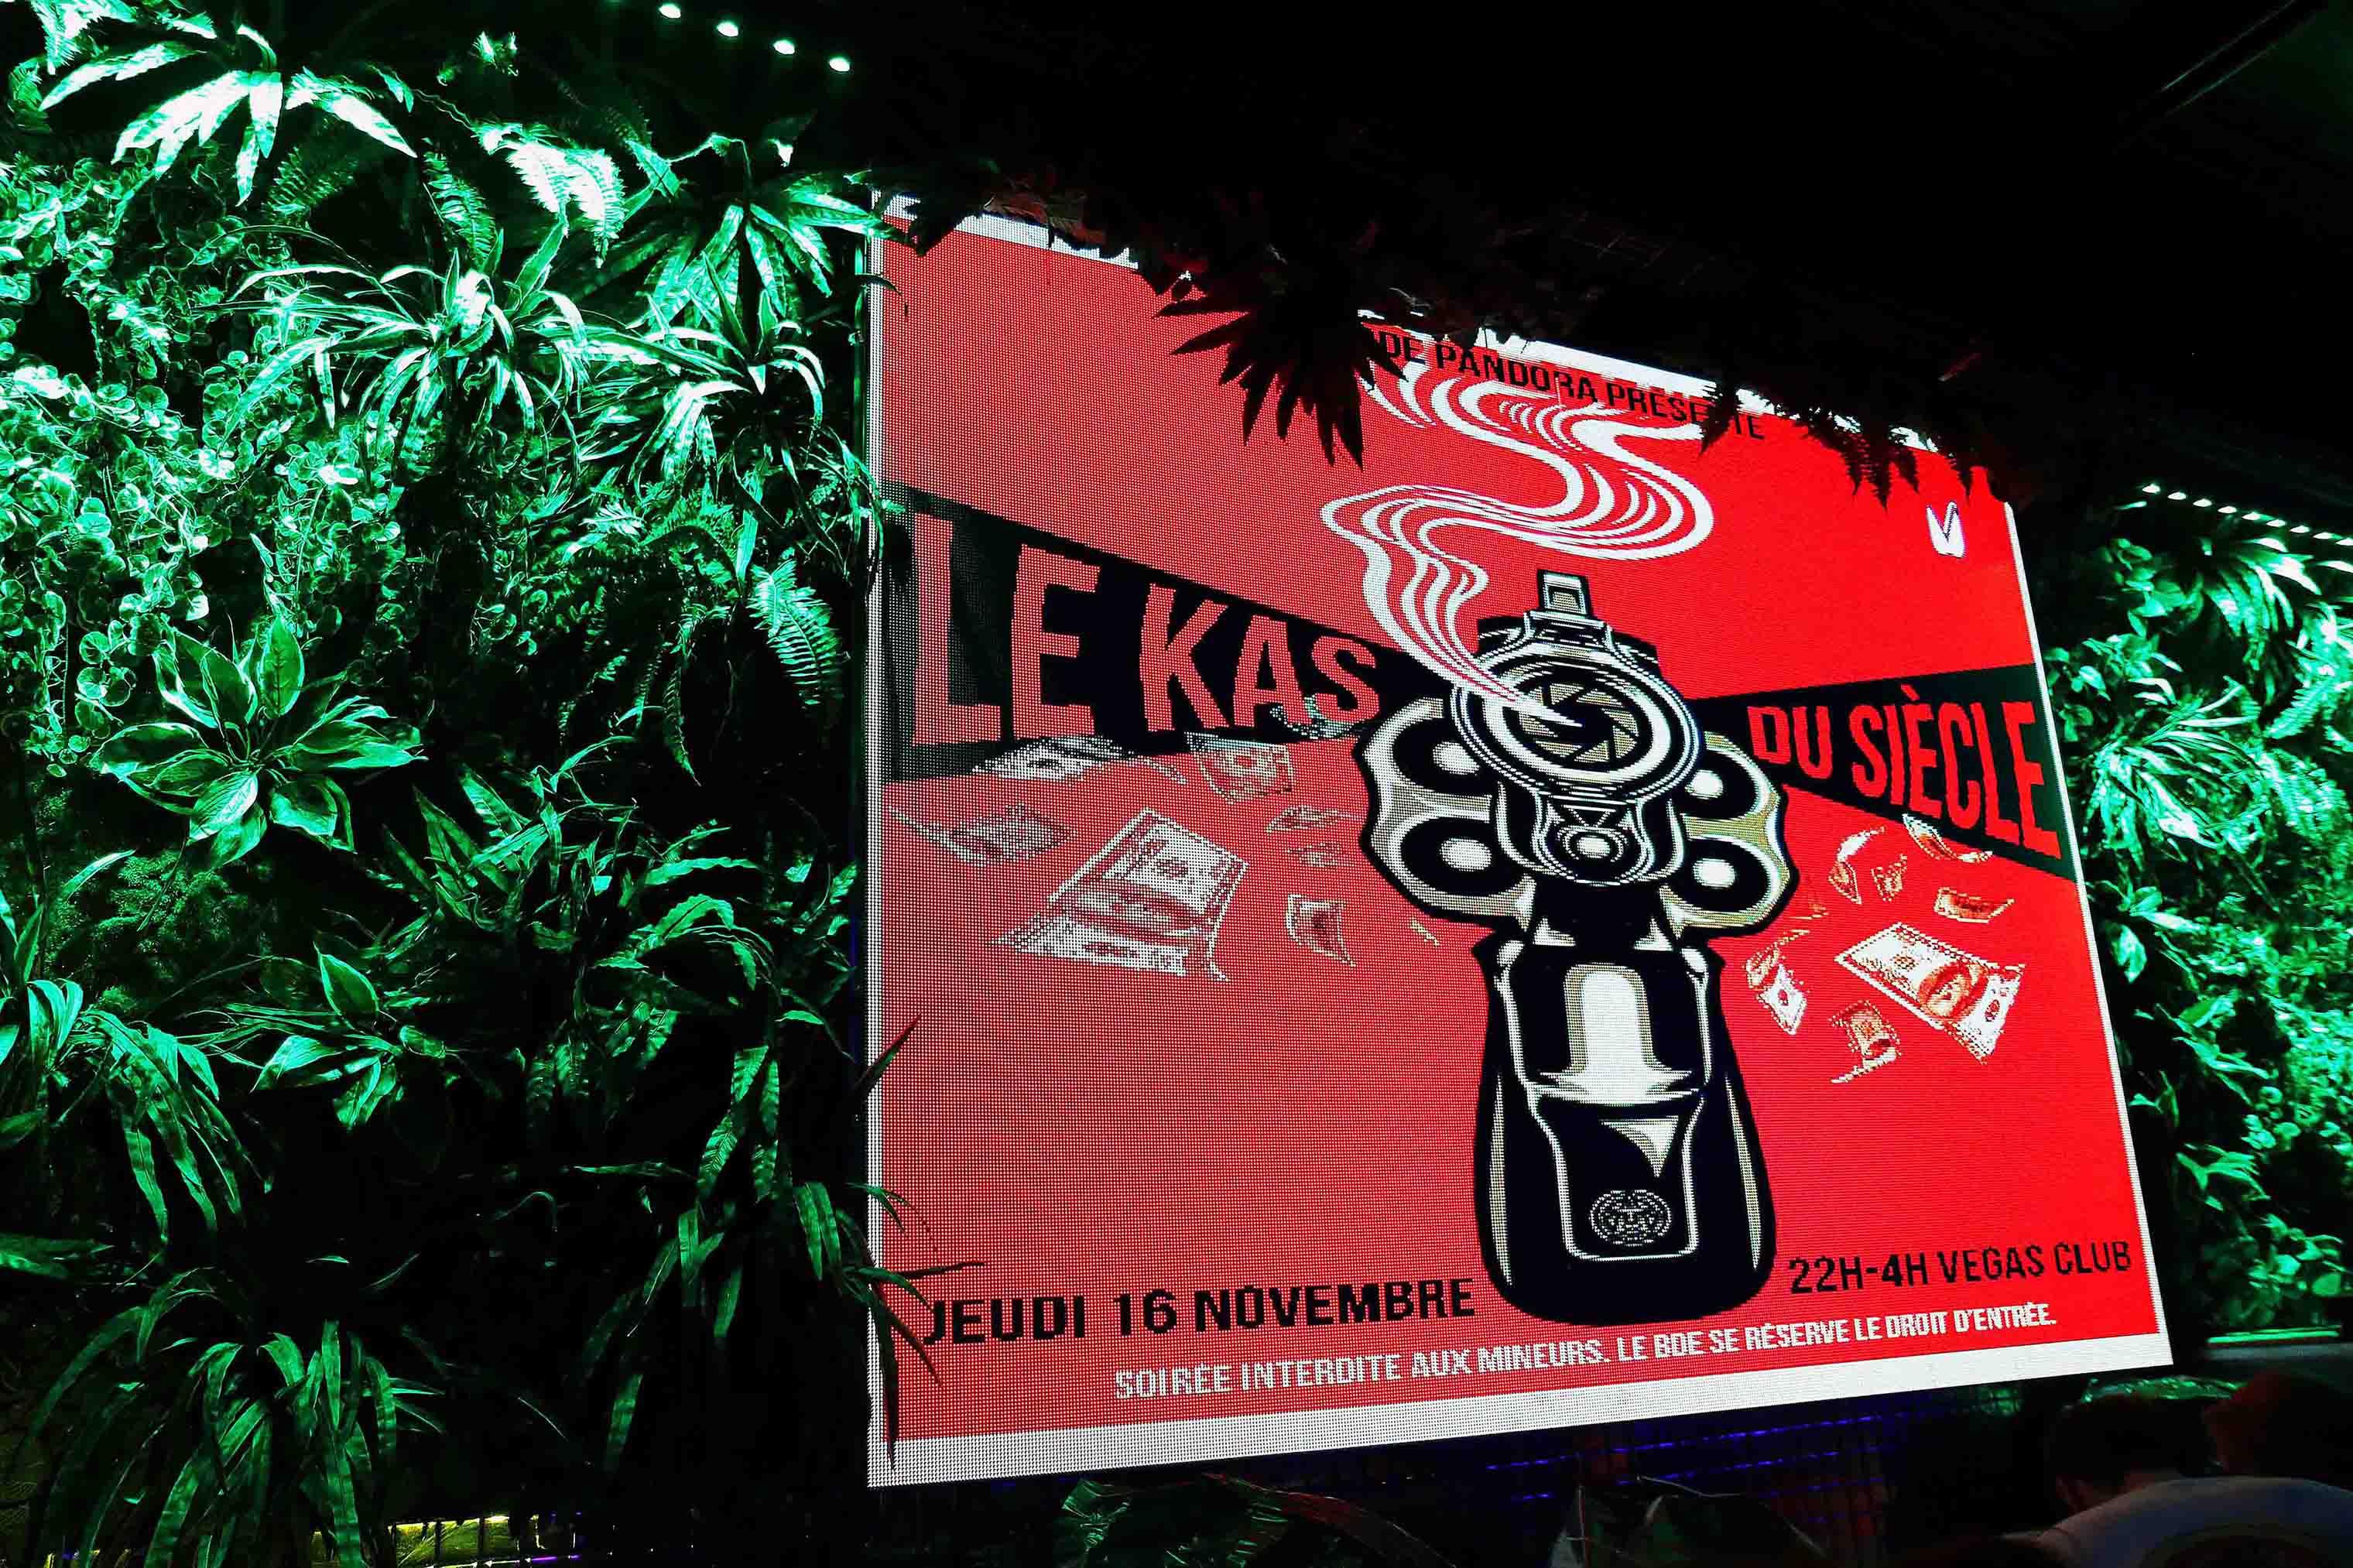 mur végétal de l'exposition de frédéric michel langlet de la collection contra stare au vegas pub à l'isle adam